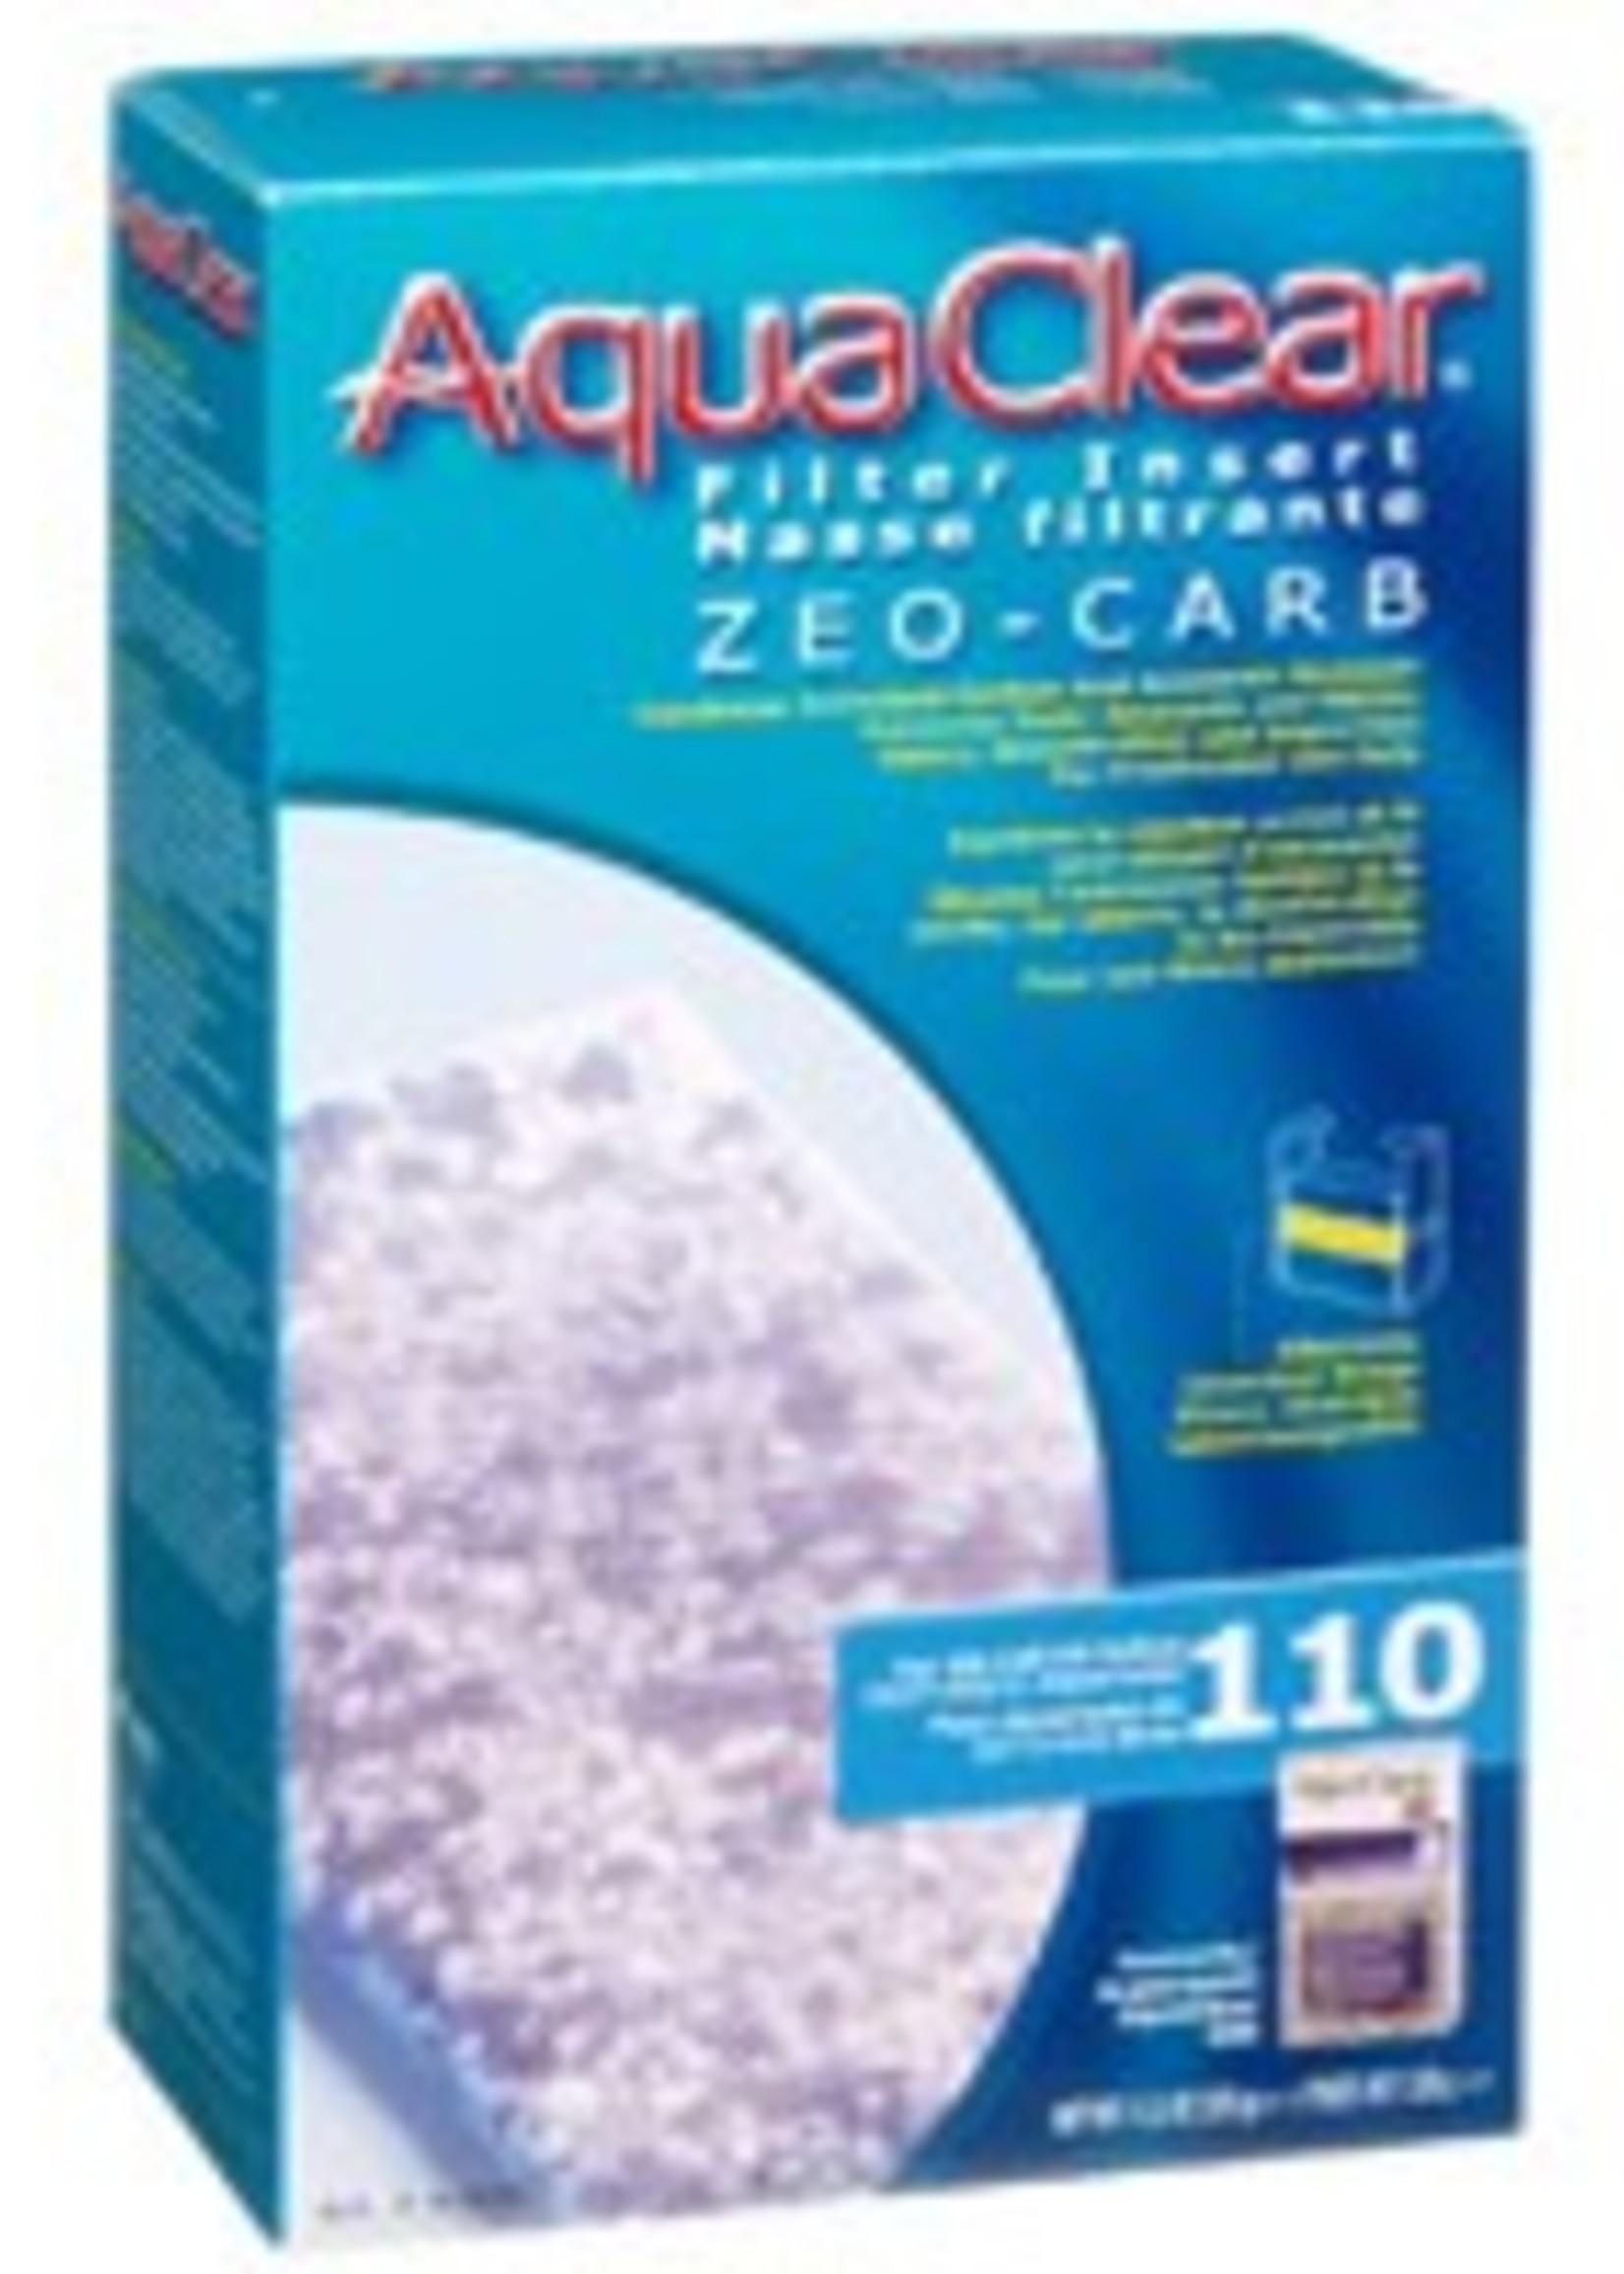 AquaClear 110 Zeo-Carb, 325 g (11.5 oz)